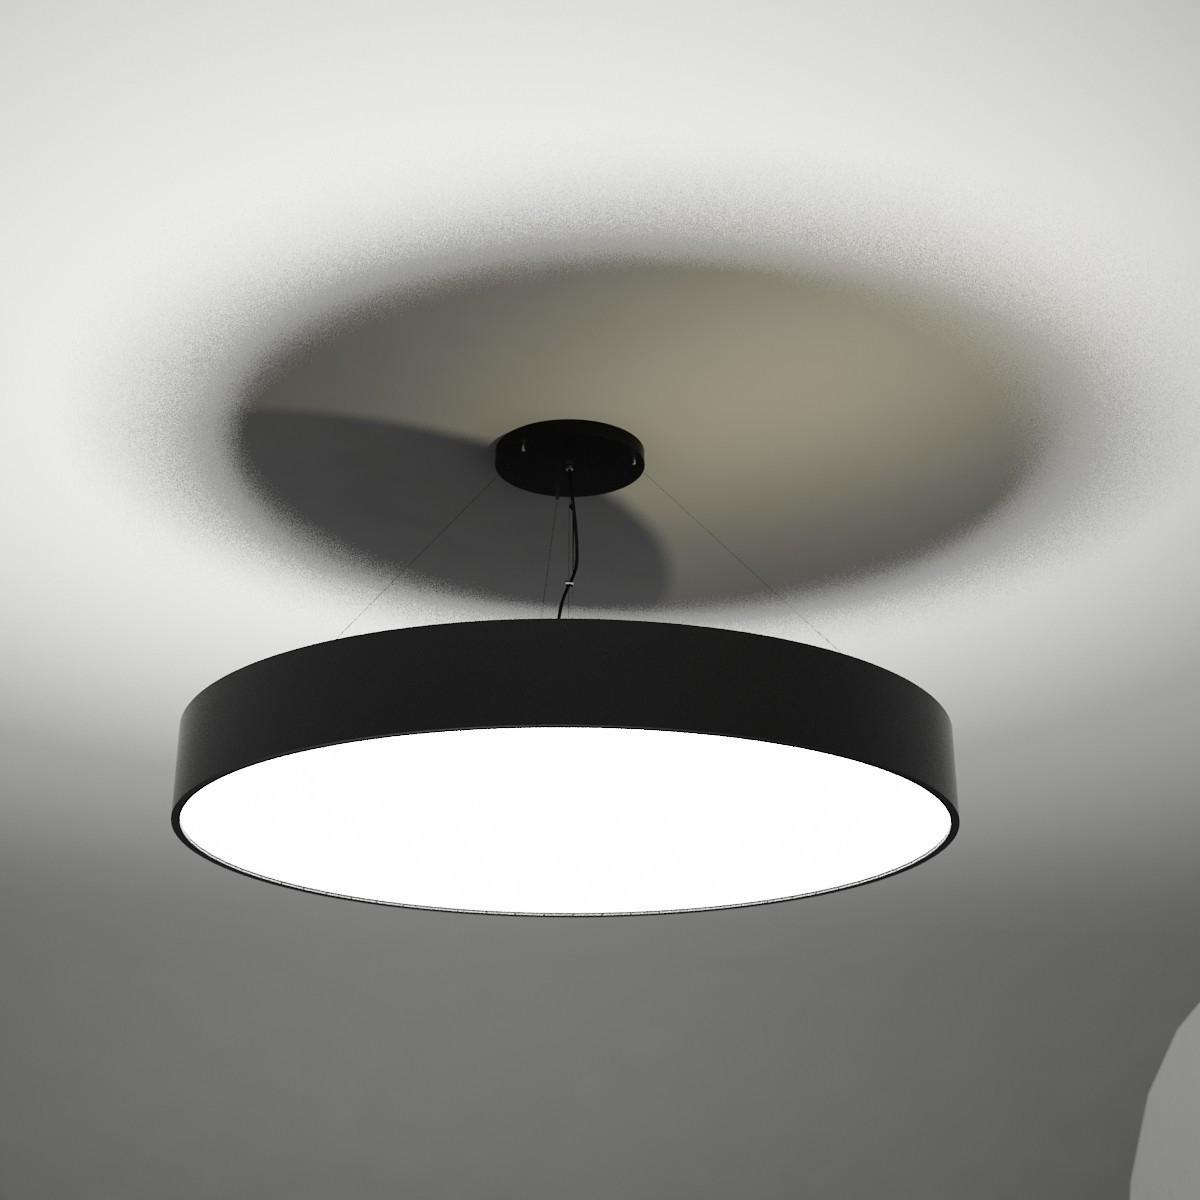 Shilo Lampa wisząca BUNGO 519 czarna) 5519-B/E27/CZ